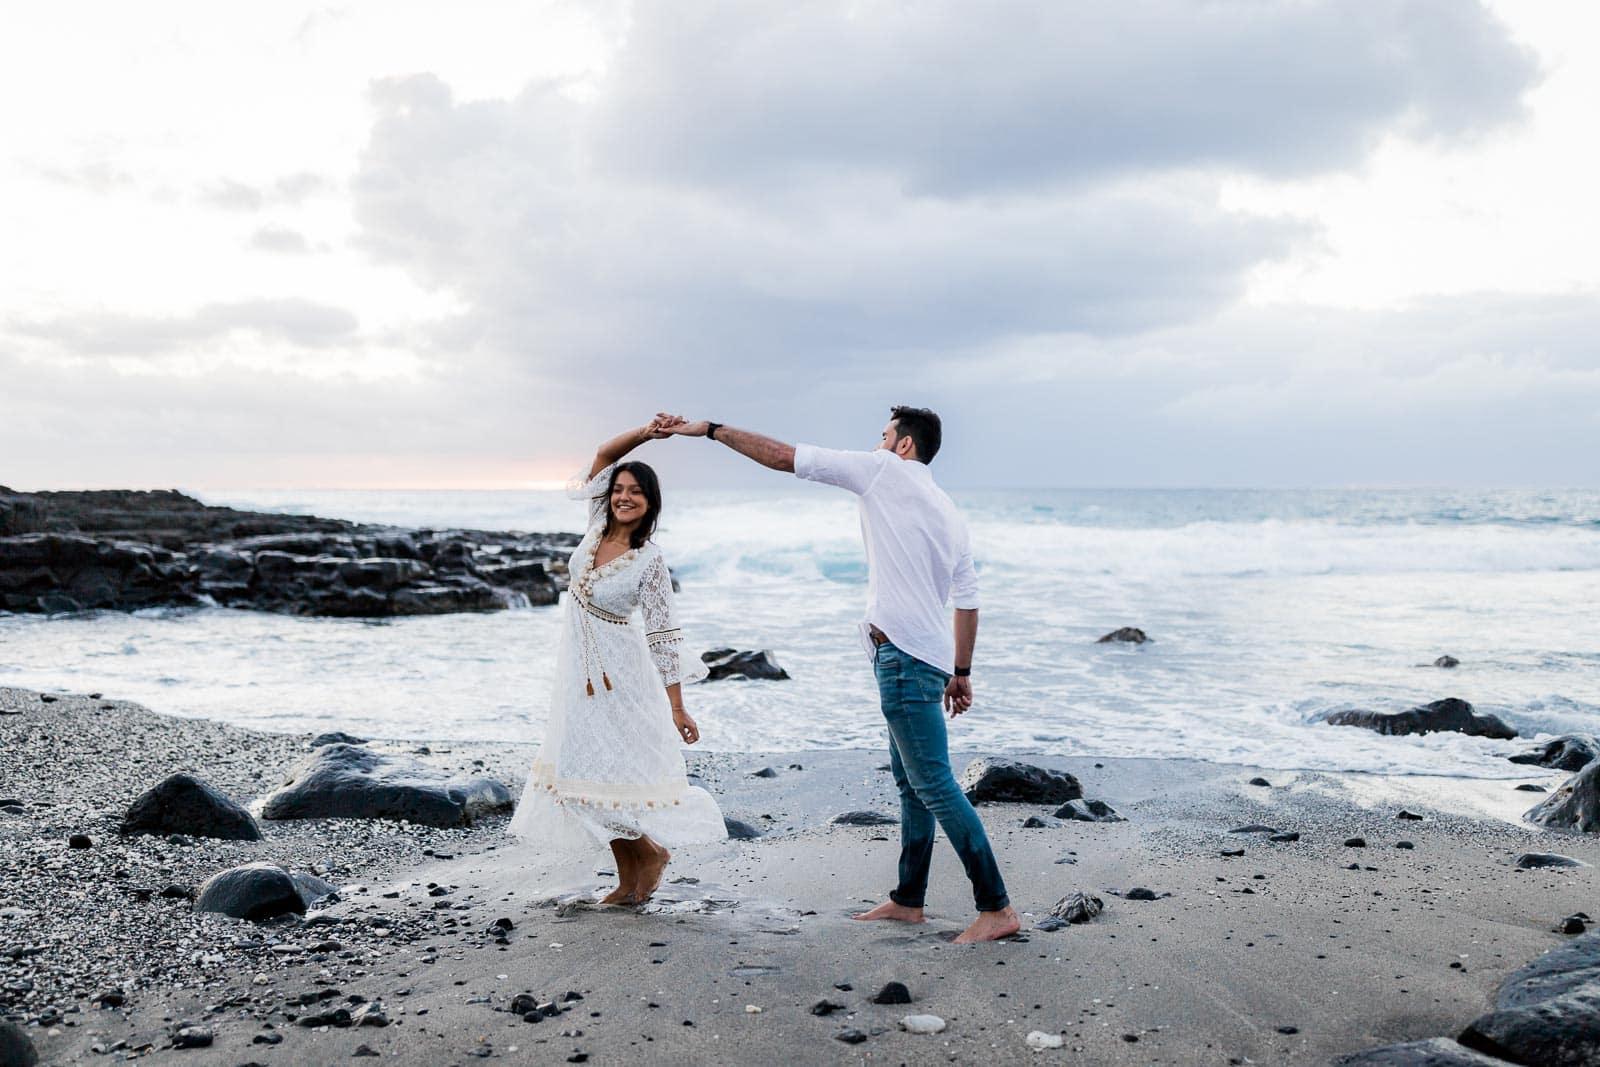 Photographie d'une séance photo au Cap La Houssaye, de Mathieu Dété, photographe de mariage et fiançailles à Saint-Pierre de la Réunion 974, présentant un couple qui danse en bord de mer au Cap la Houssaye